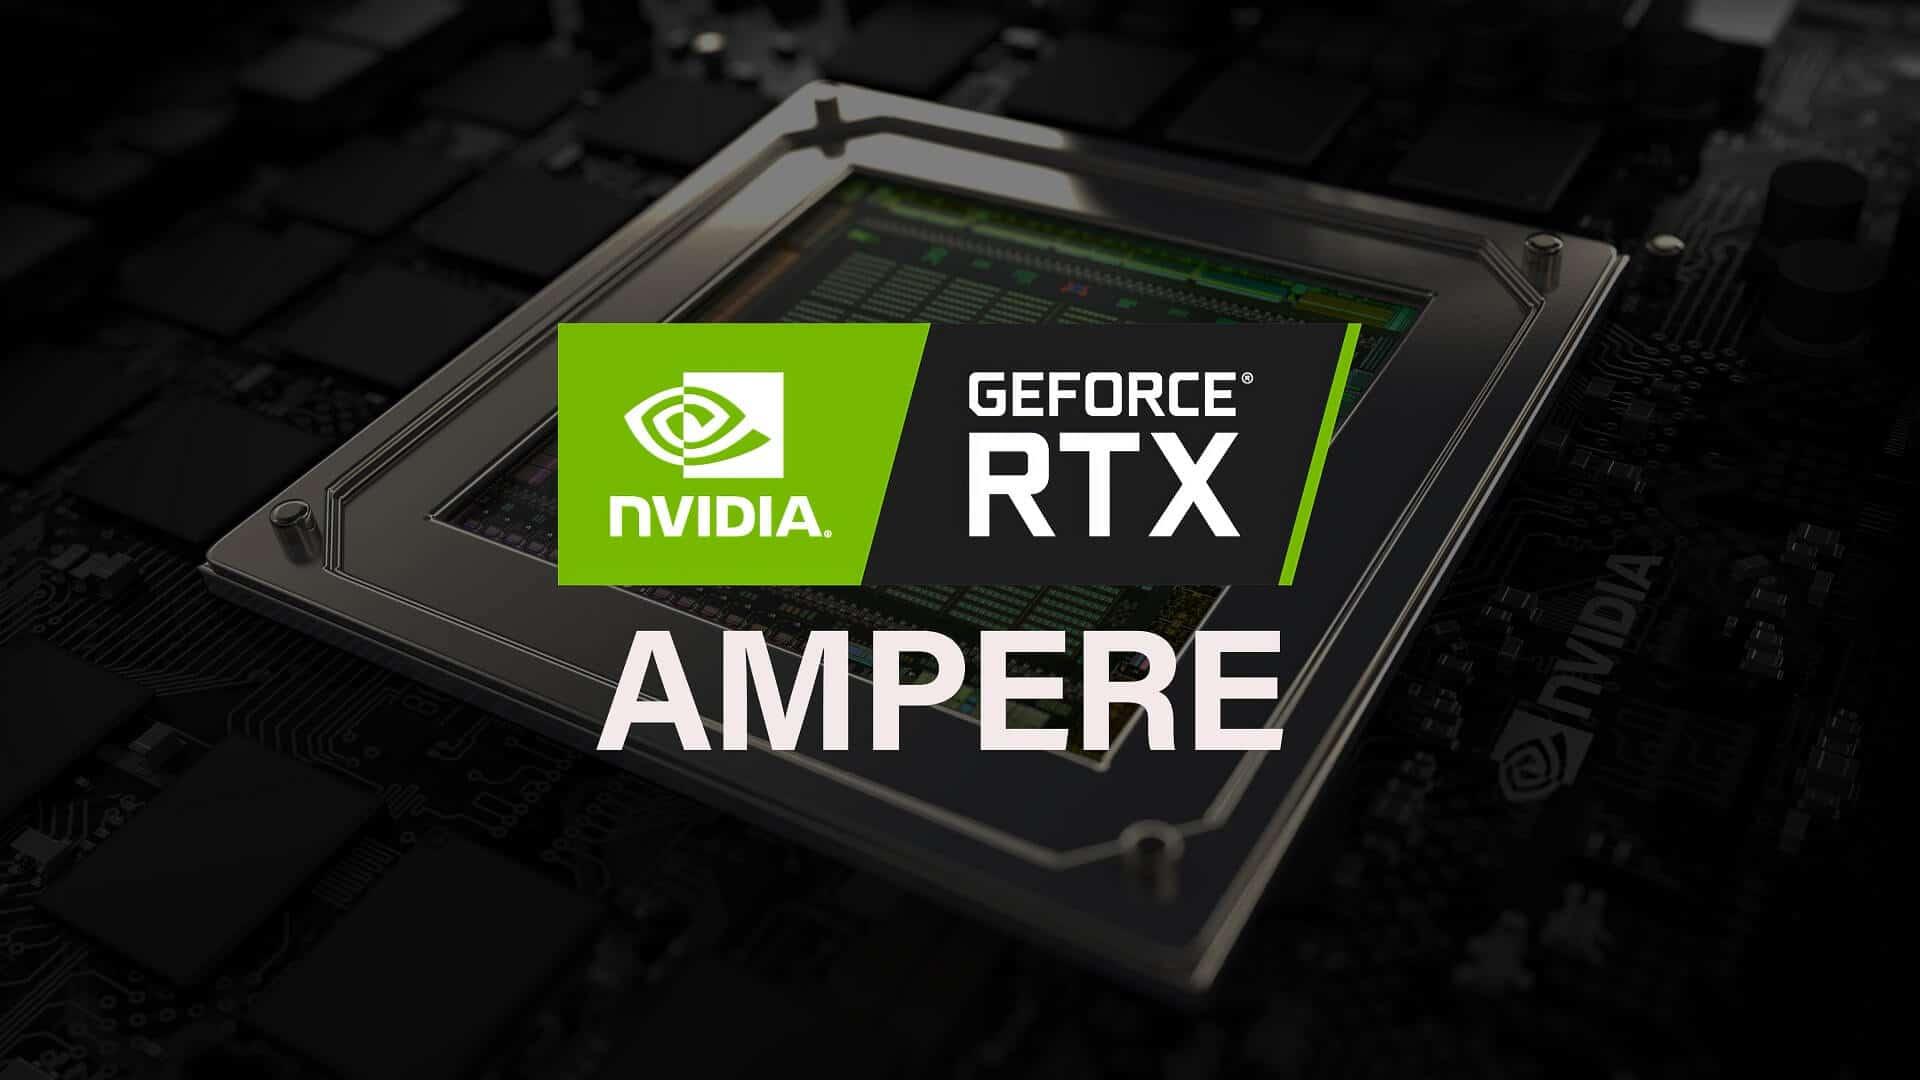 Это могут быть полные спецификации и даты выпуска всех графических процессоров NVIDIA Ampere